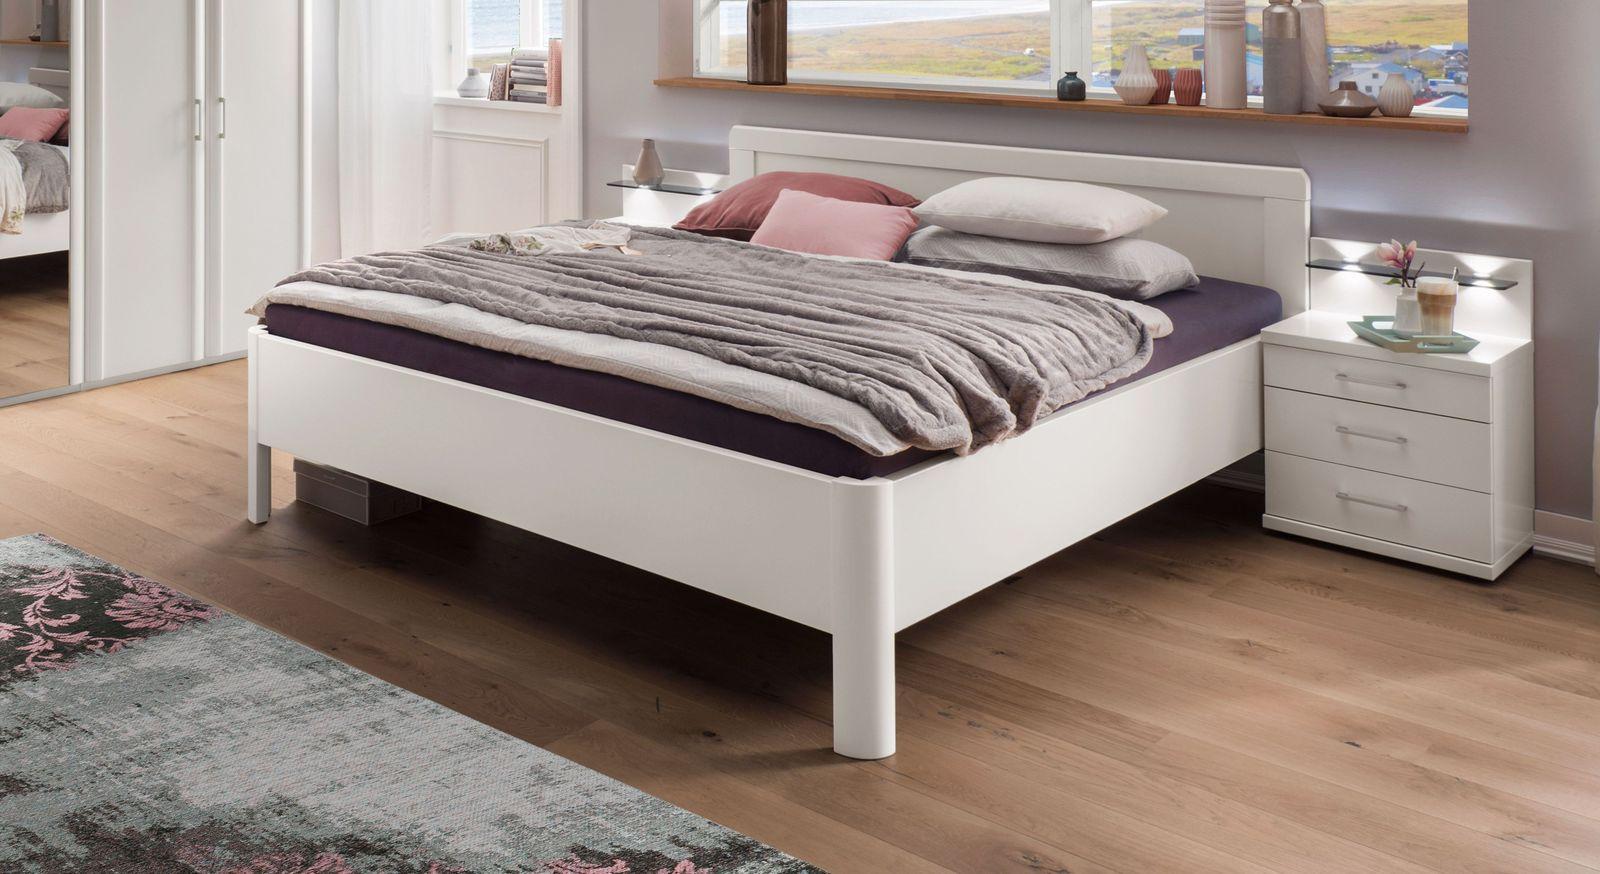 Komfort-Doppelbett aus alpinweißem Dekor